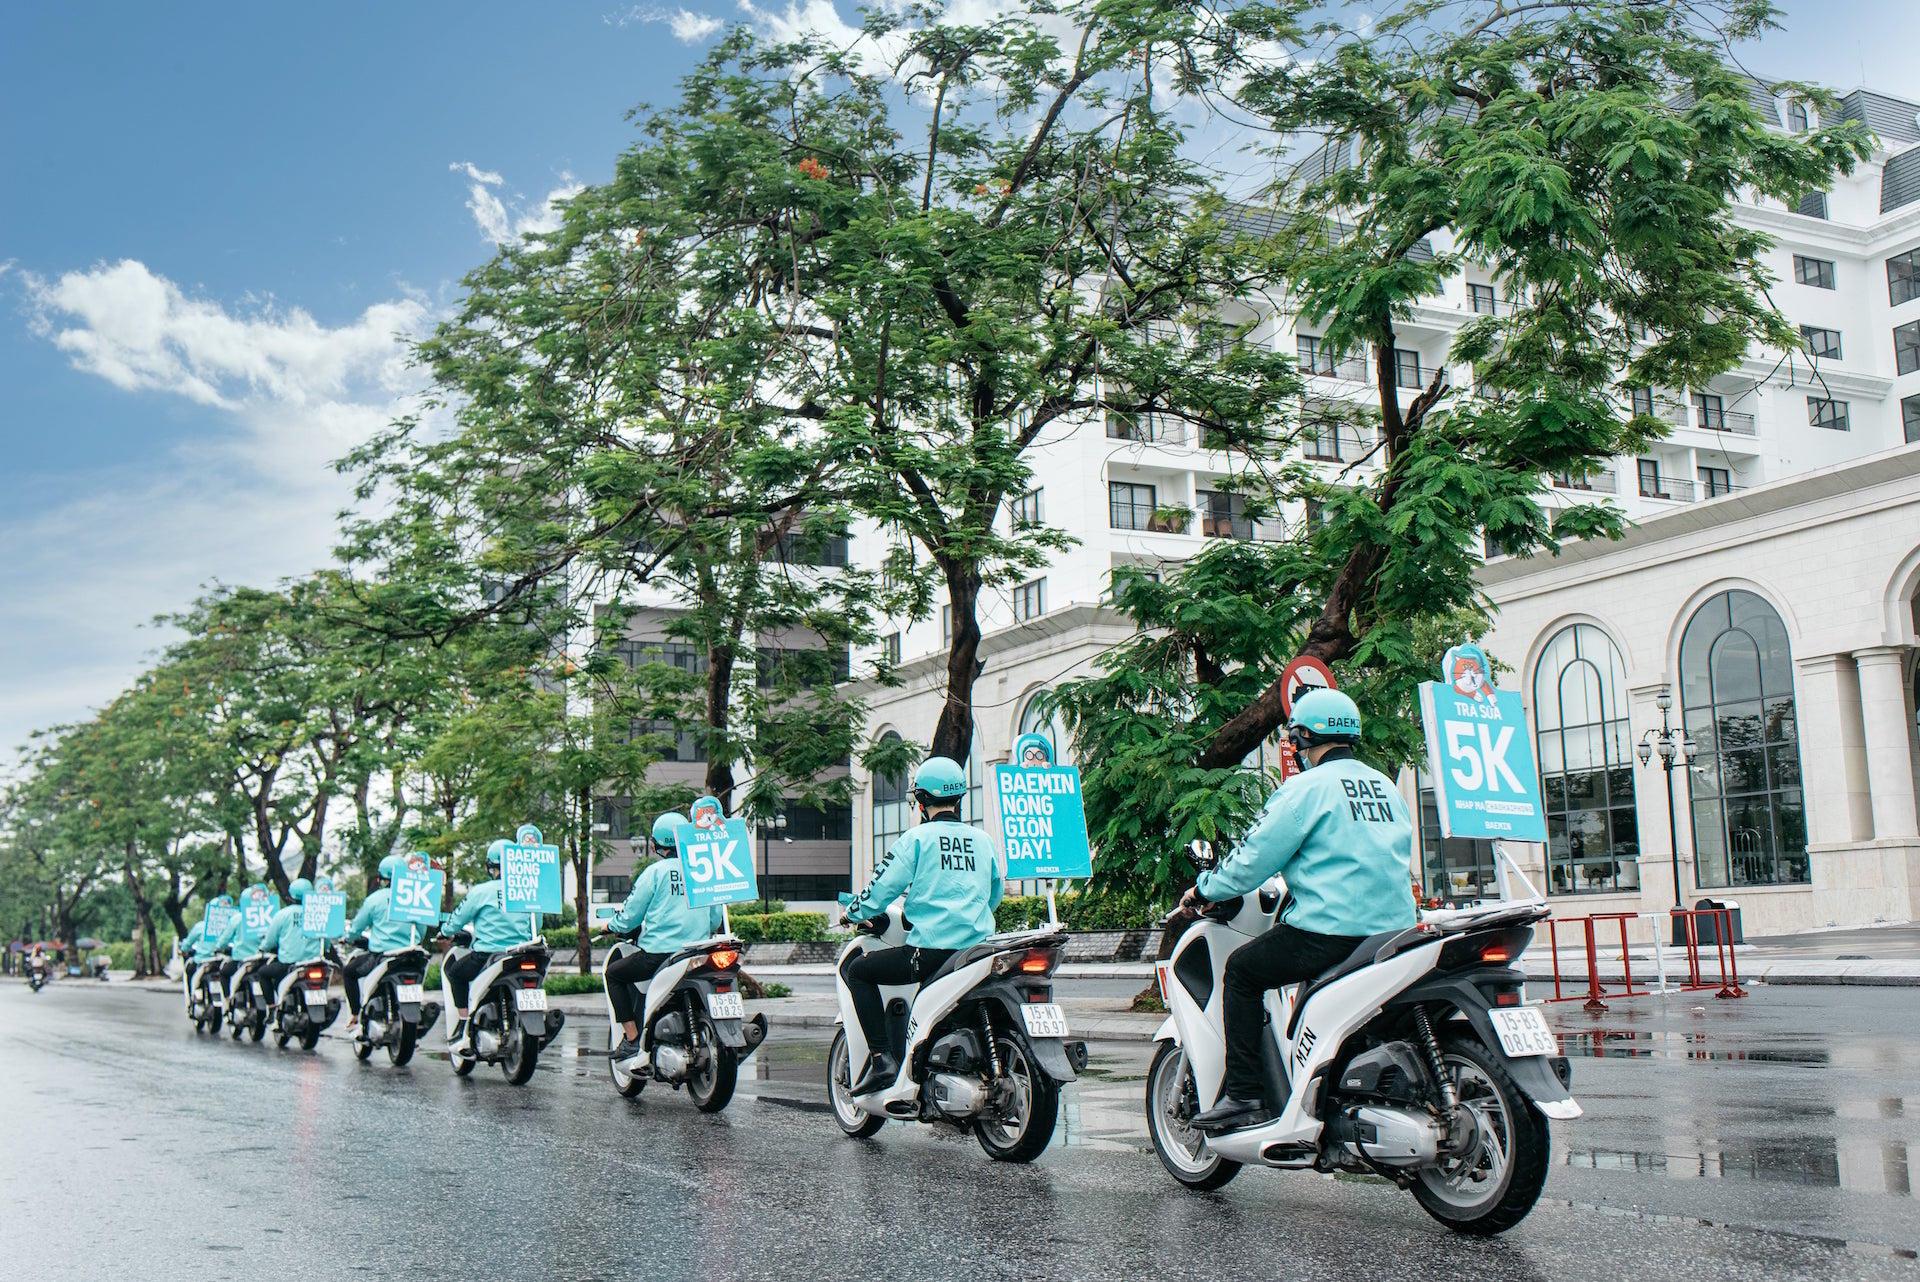 Chủ tịch Baemin đóng góp 20 tỷ đồng cho công tác phòng chống dịch covid-19 tại Việt Nam